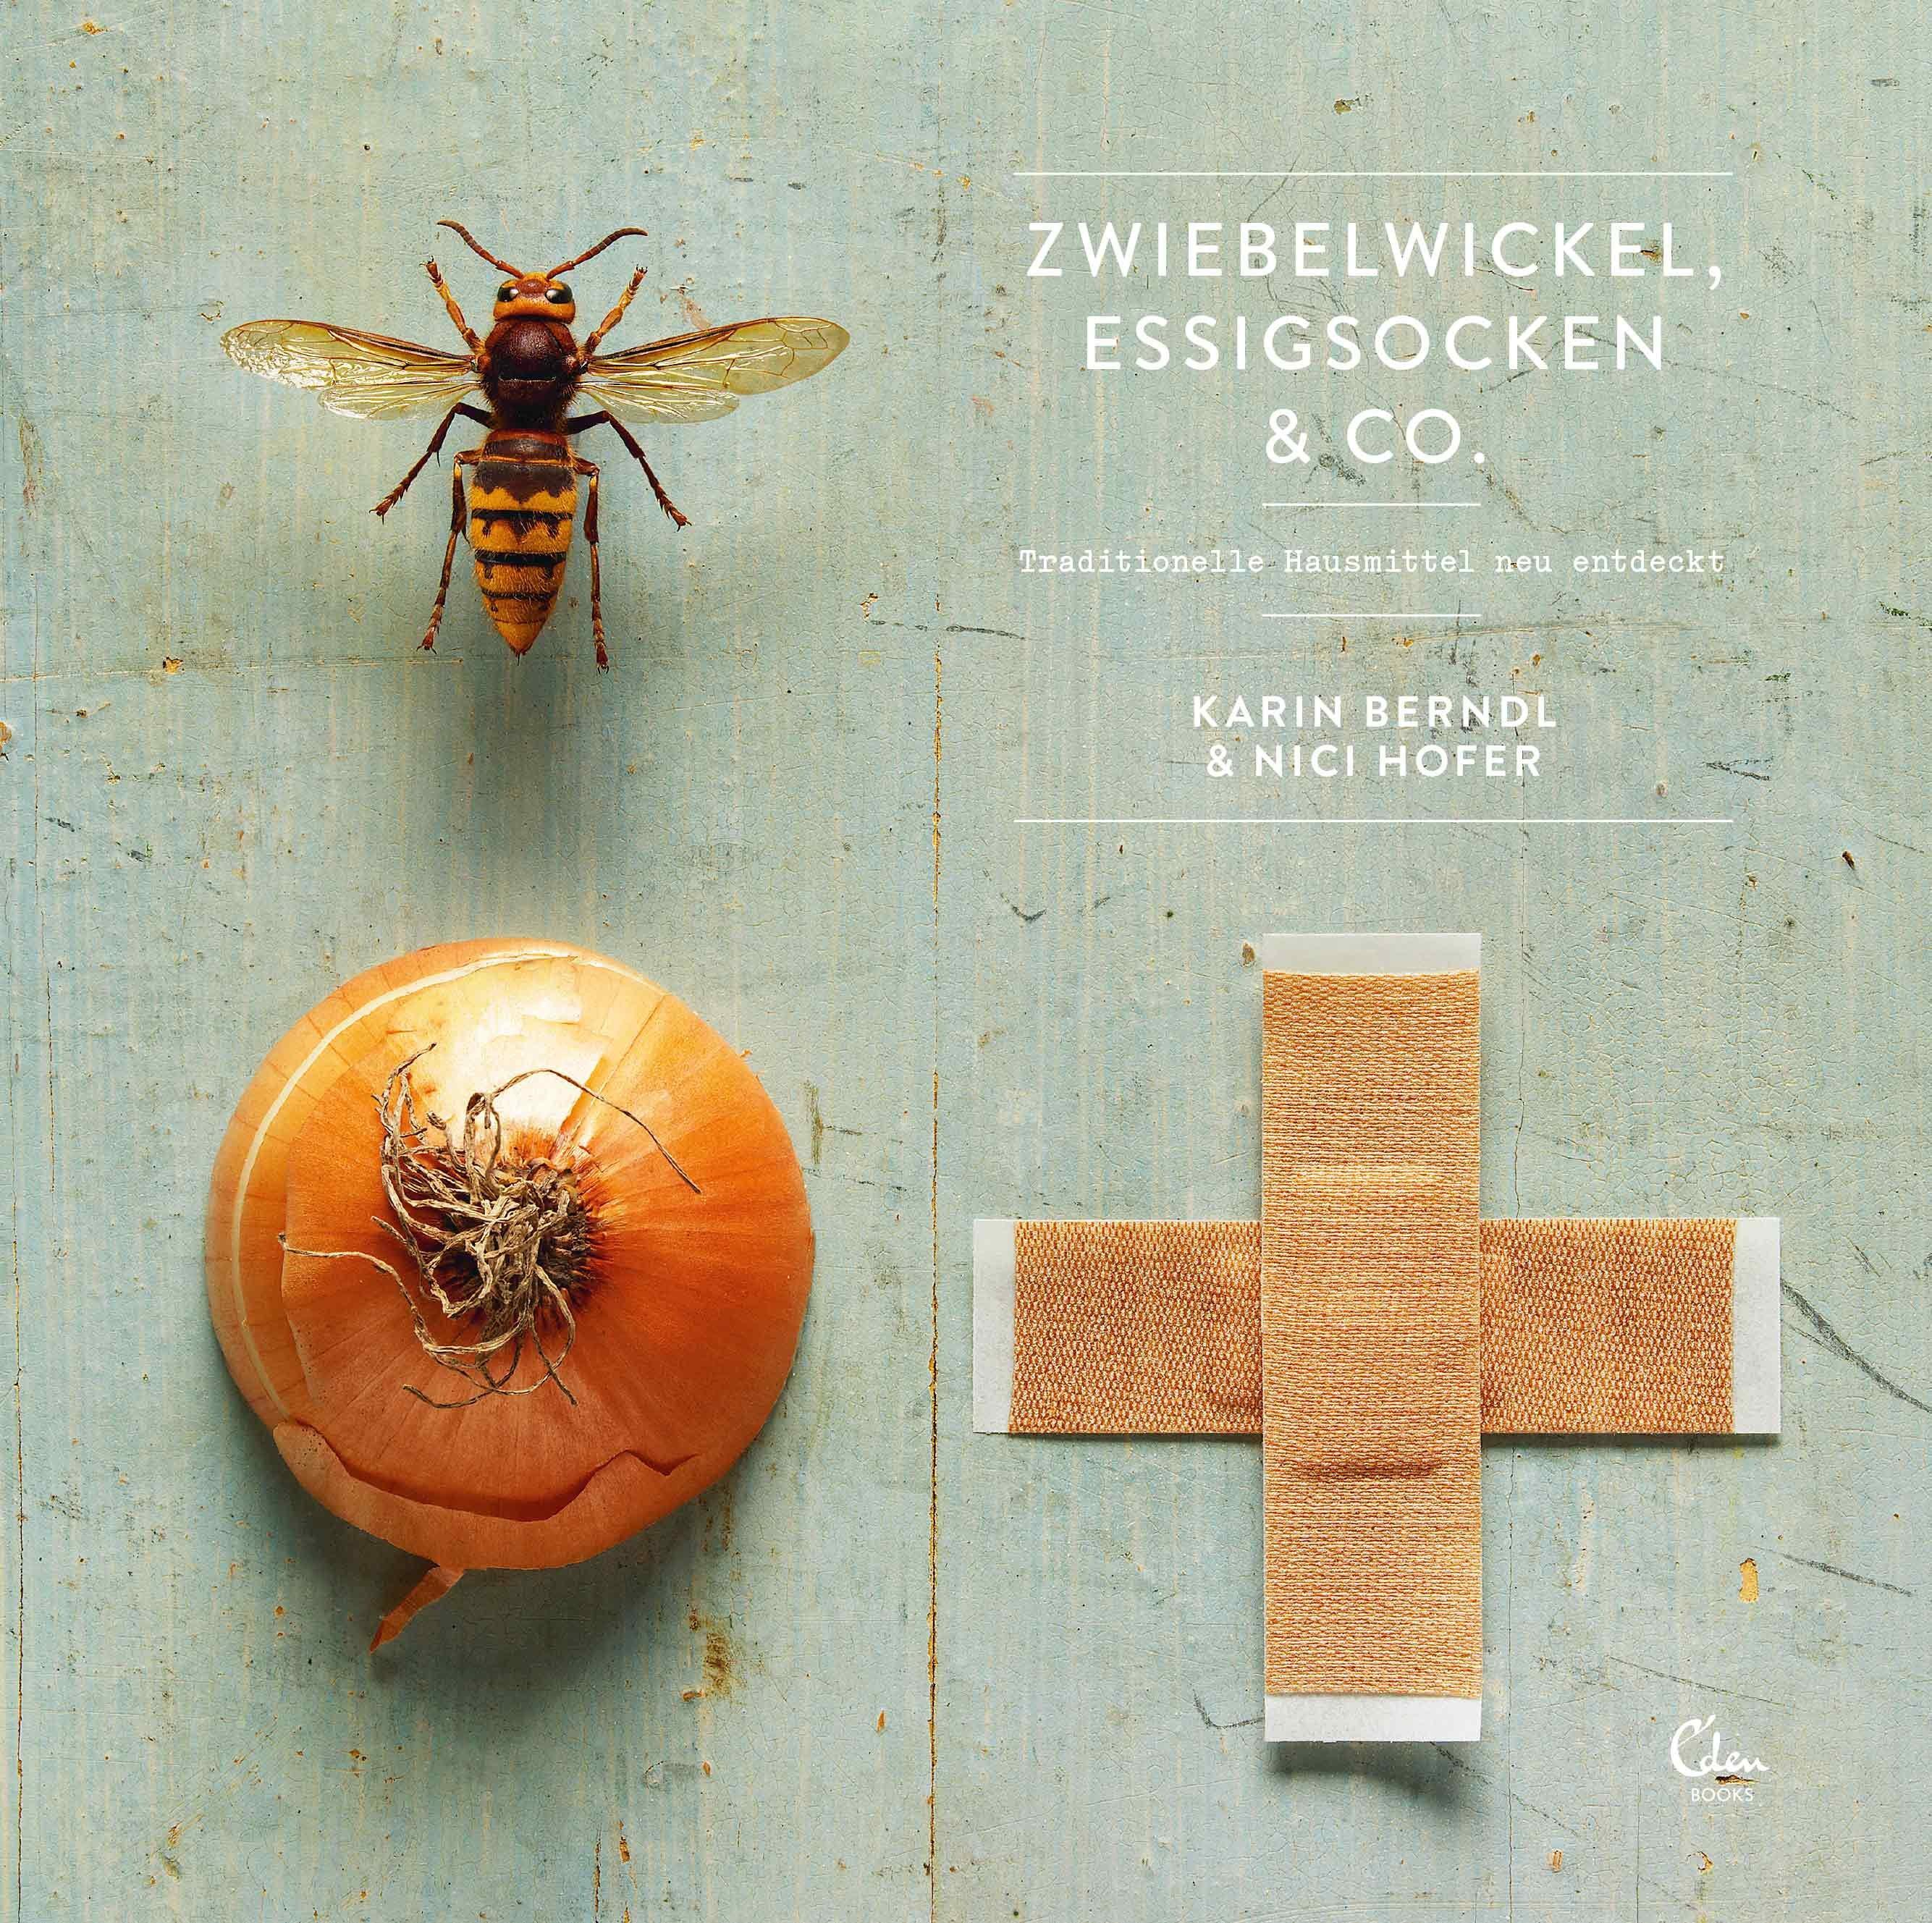 Zwiebelwickel, Essigsocken & Co., Karin Berndl